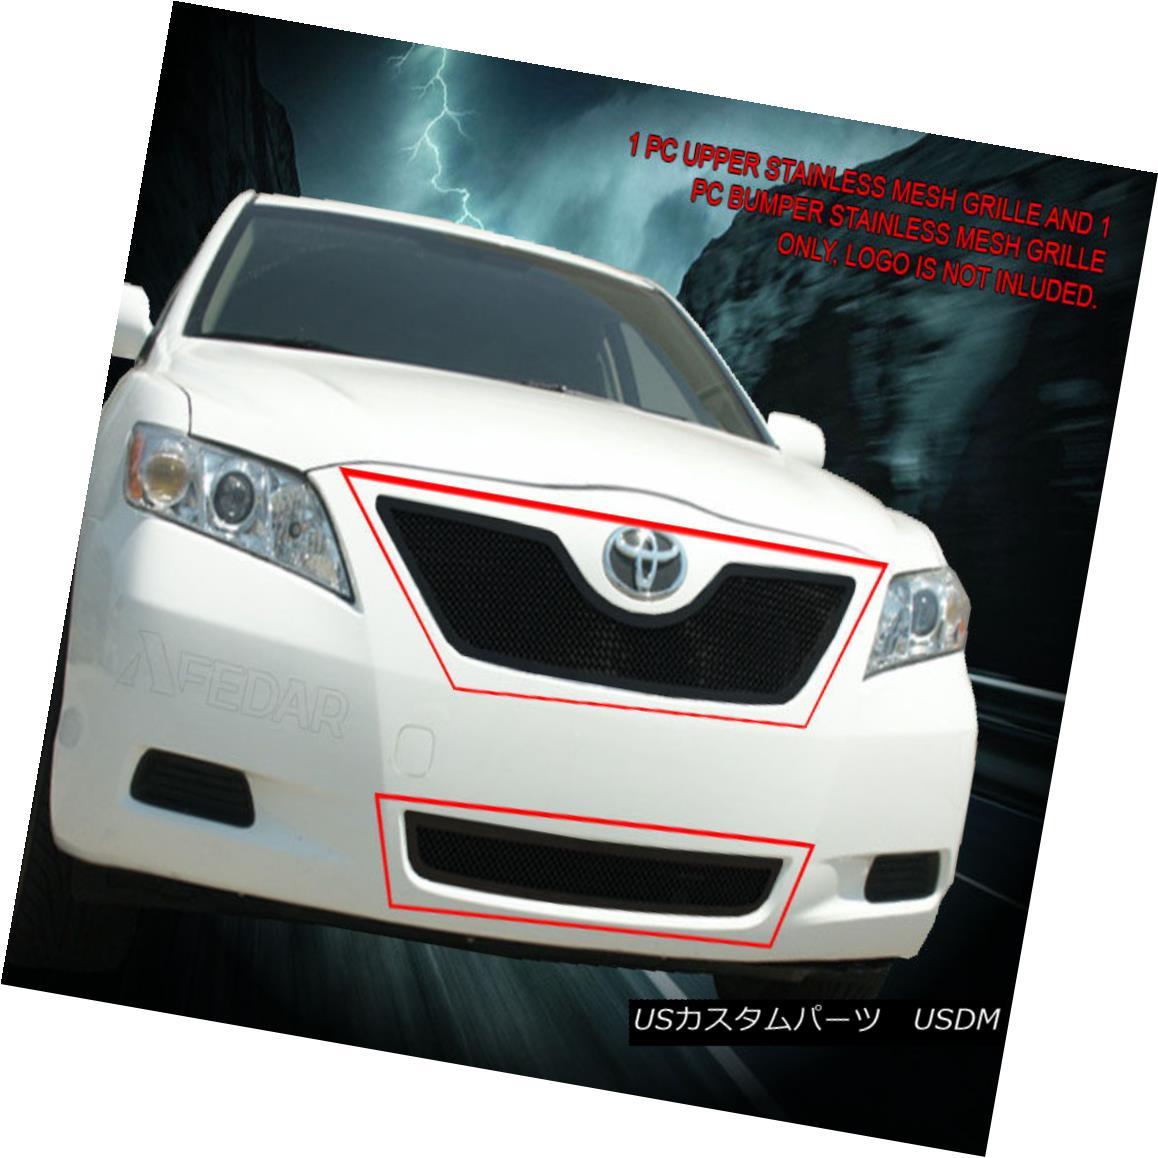 グリル 07-09 Toyota Camry Black Stainless Mesh Grille Grill Combo Insert Fedar 07-09トヨタカムリブラックステンレスメッシュグリルグリルコンボインサートフェルダ